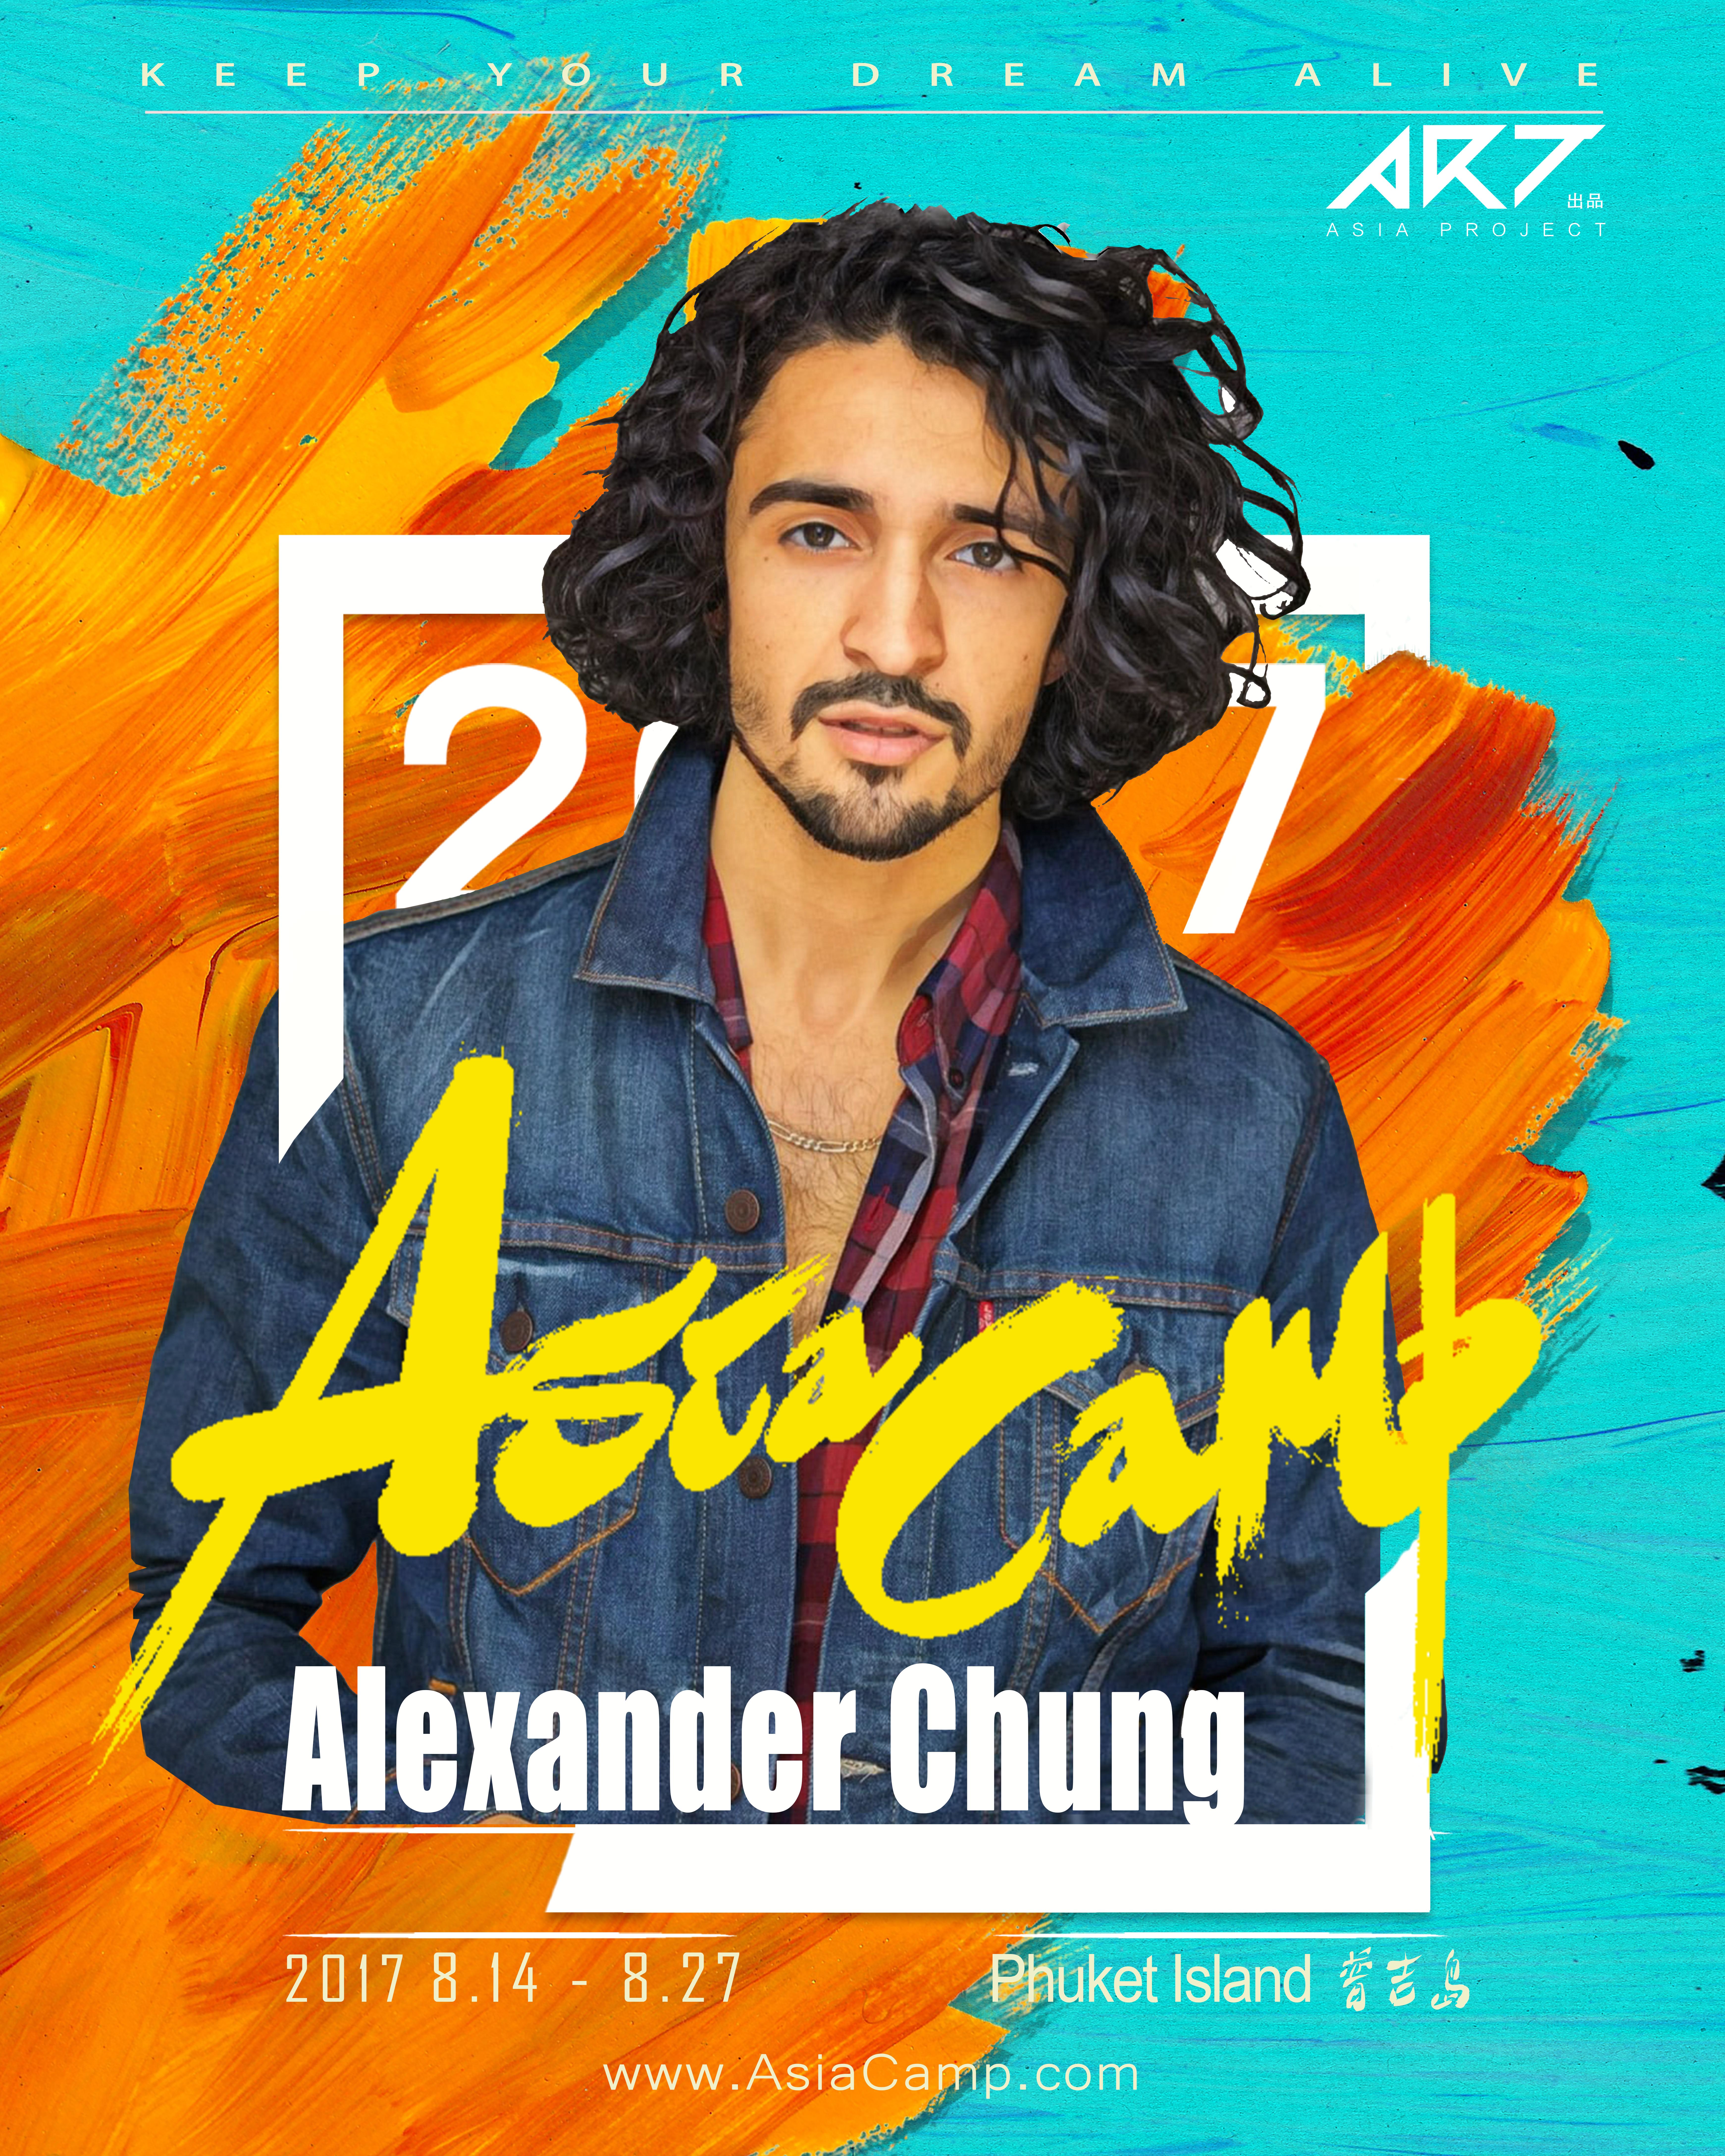 Alexander Chuang